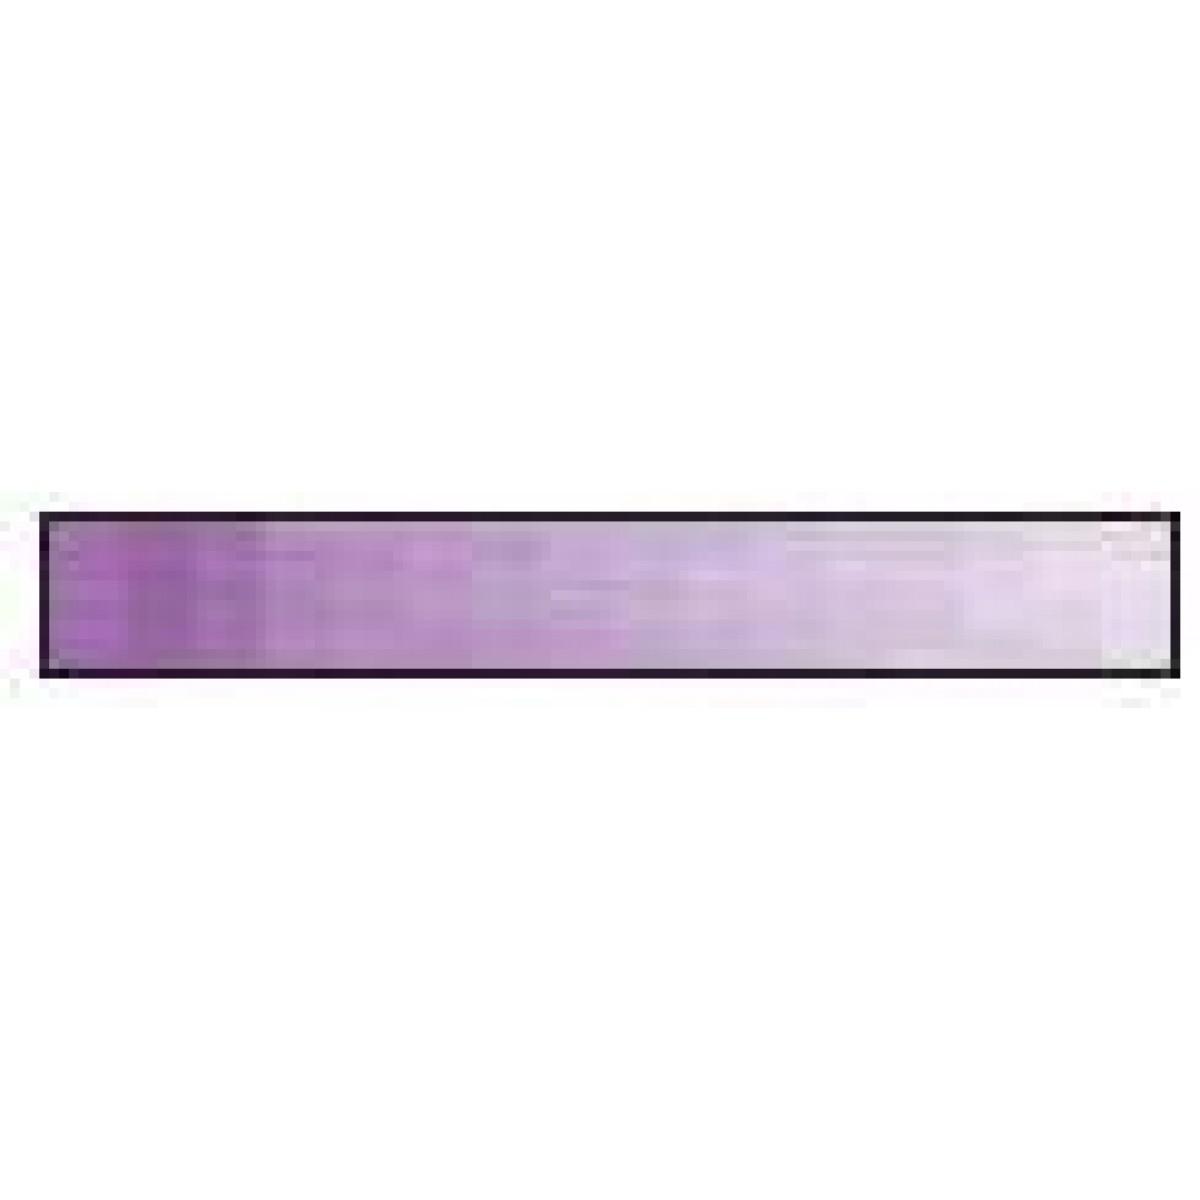 8506 Kunstnerkvalitet soft pastel Violet